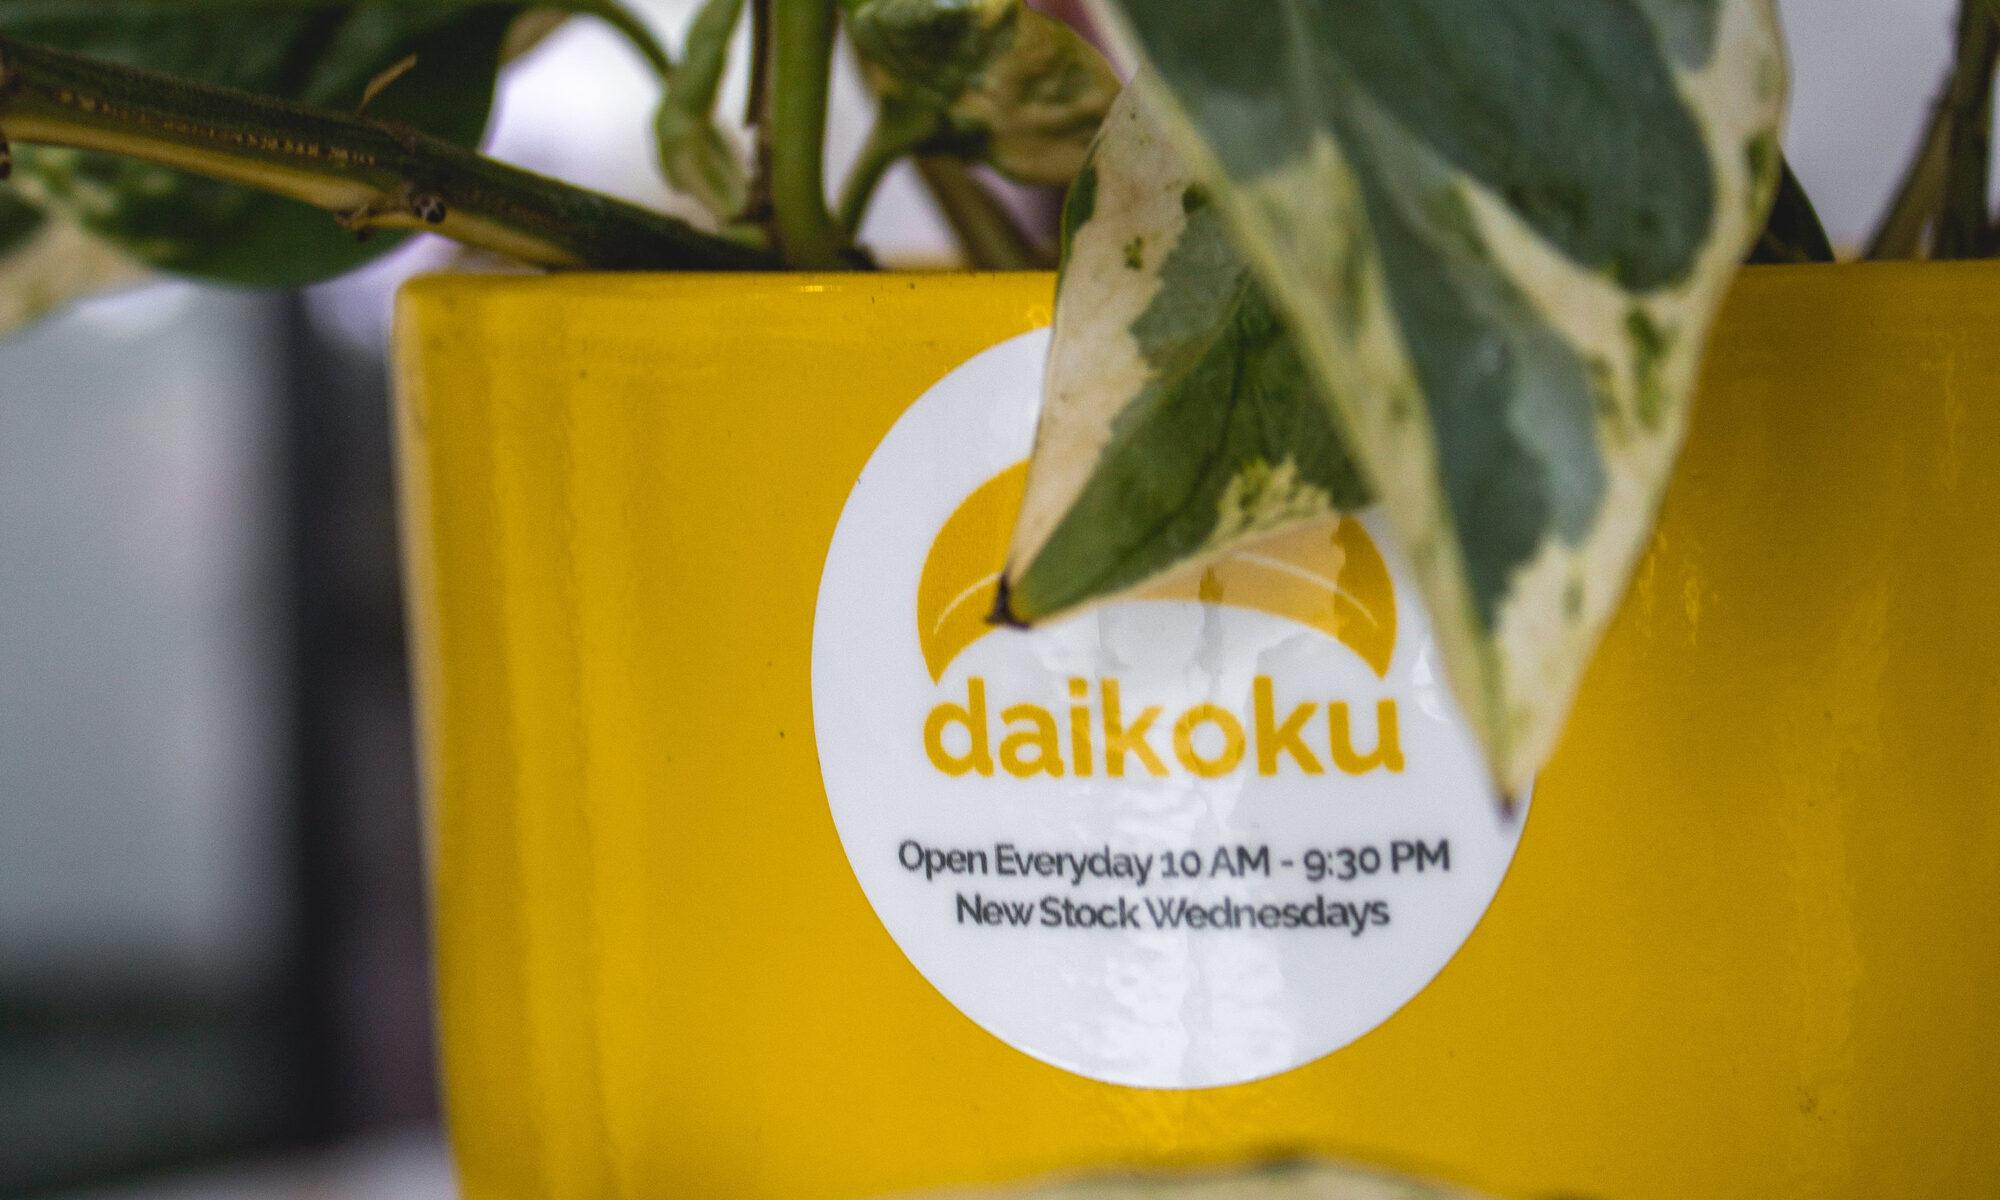 daikoku